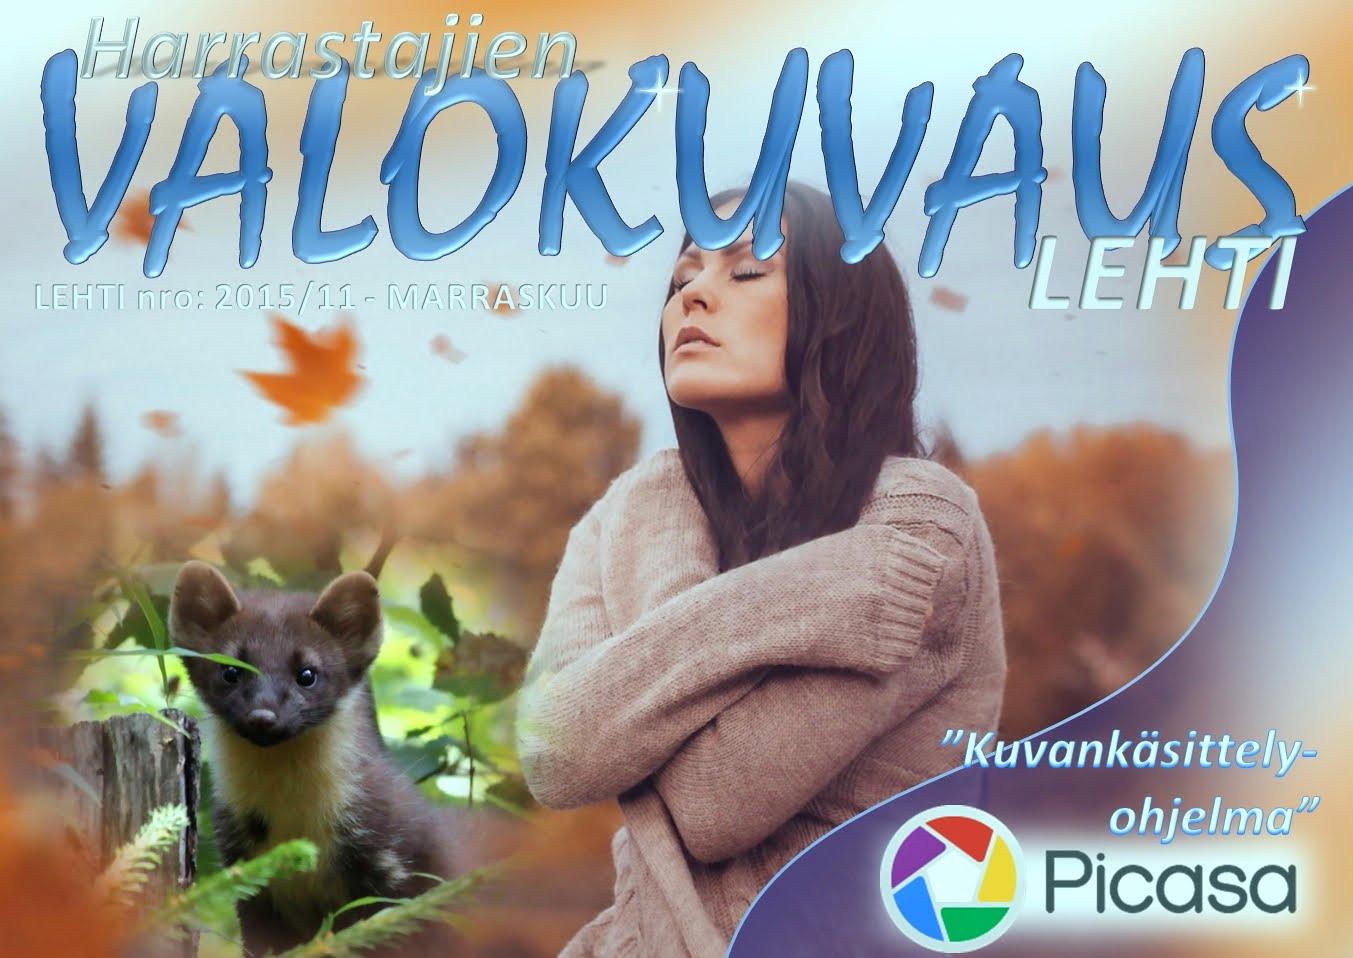 VALOKUVAUS-LEHTI 2015/11